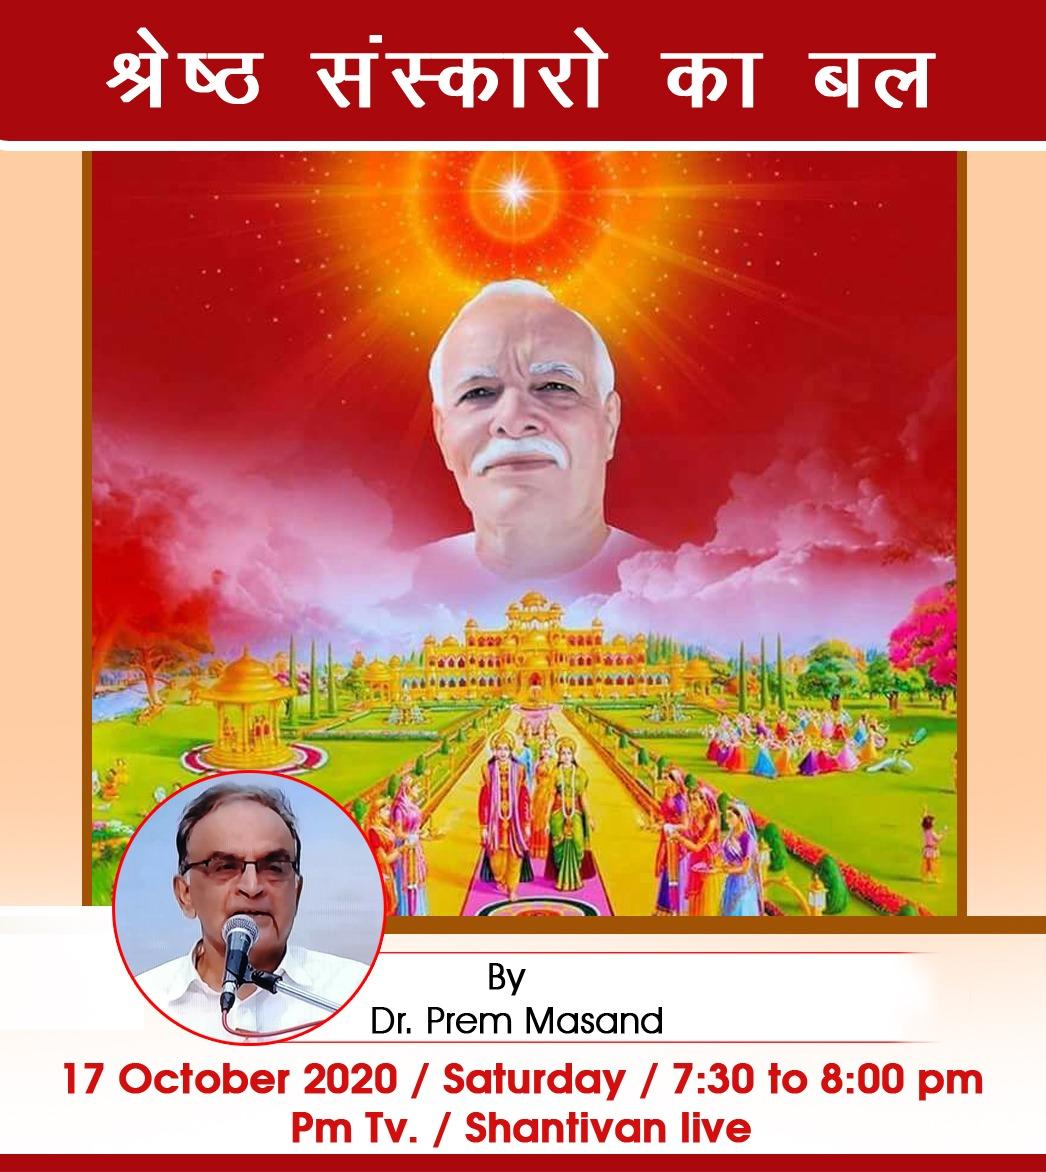 LIVE 17-10-2020, 7:00 pm : Shantivan     Dr.Prem Masand Ji   Madhuban*